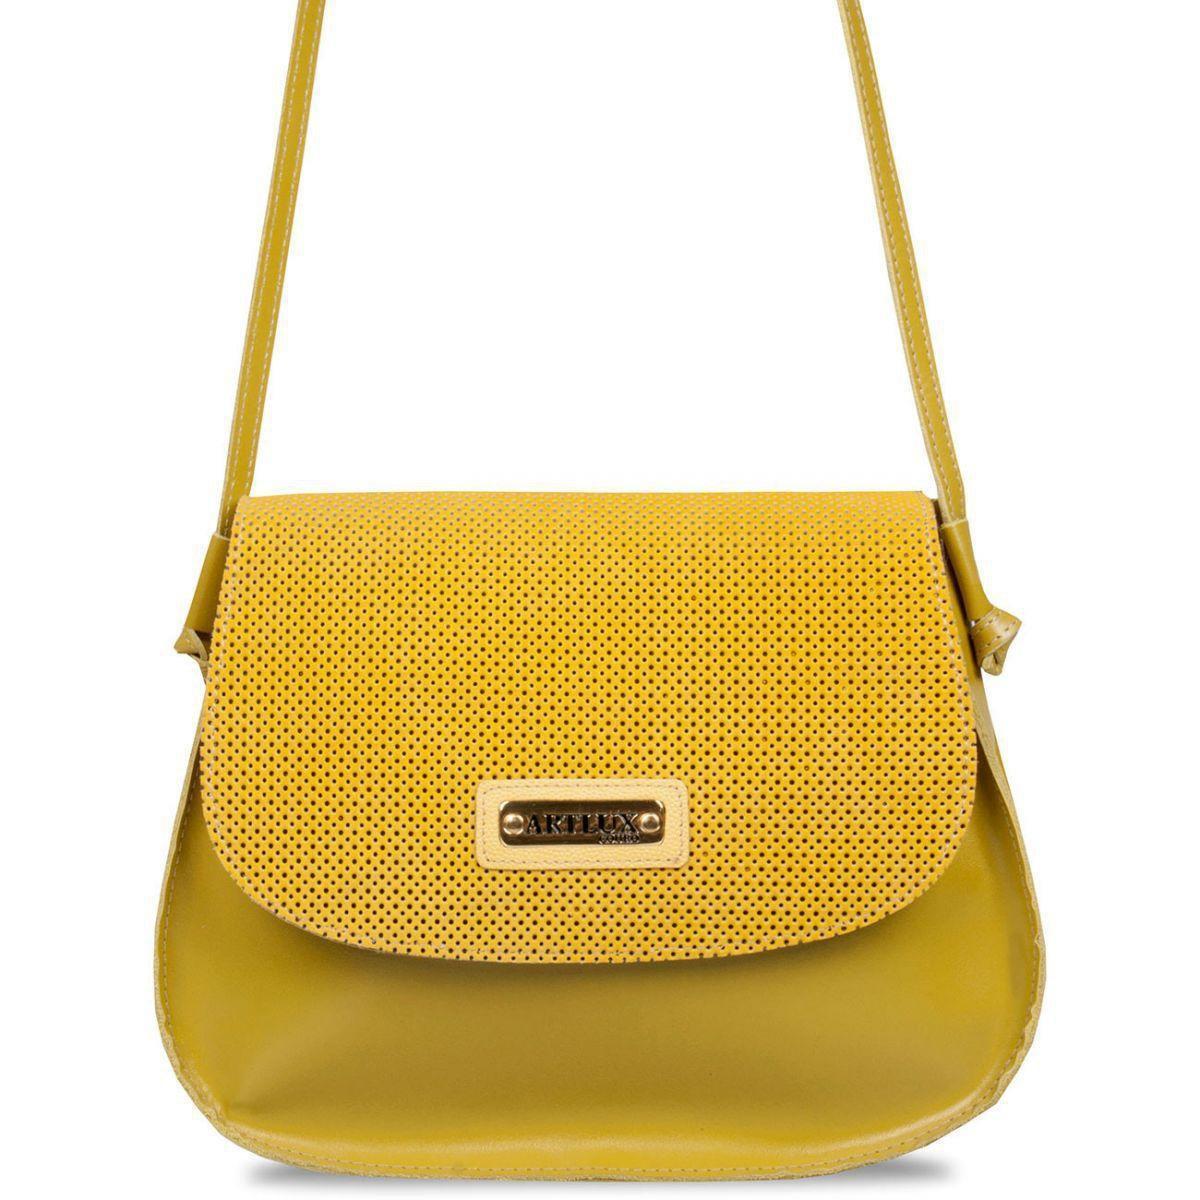 Transversal Amarelo Transversal Bolsa Bolsa Transversal Bolsa Amarelo qwX6OE6